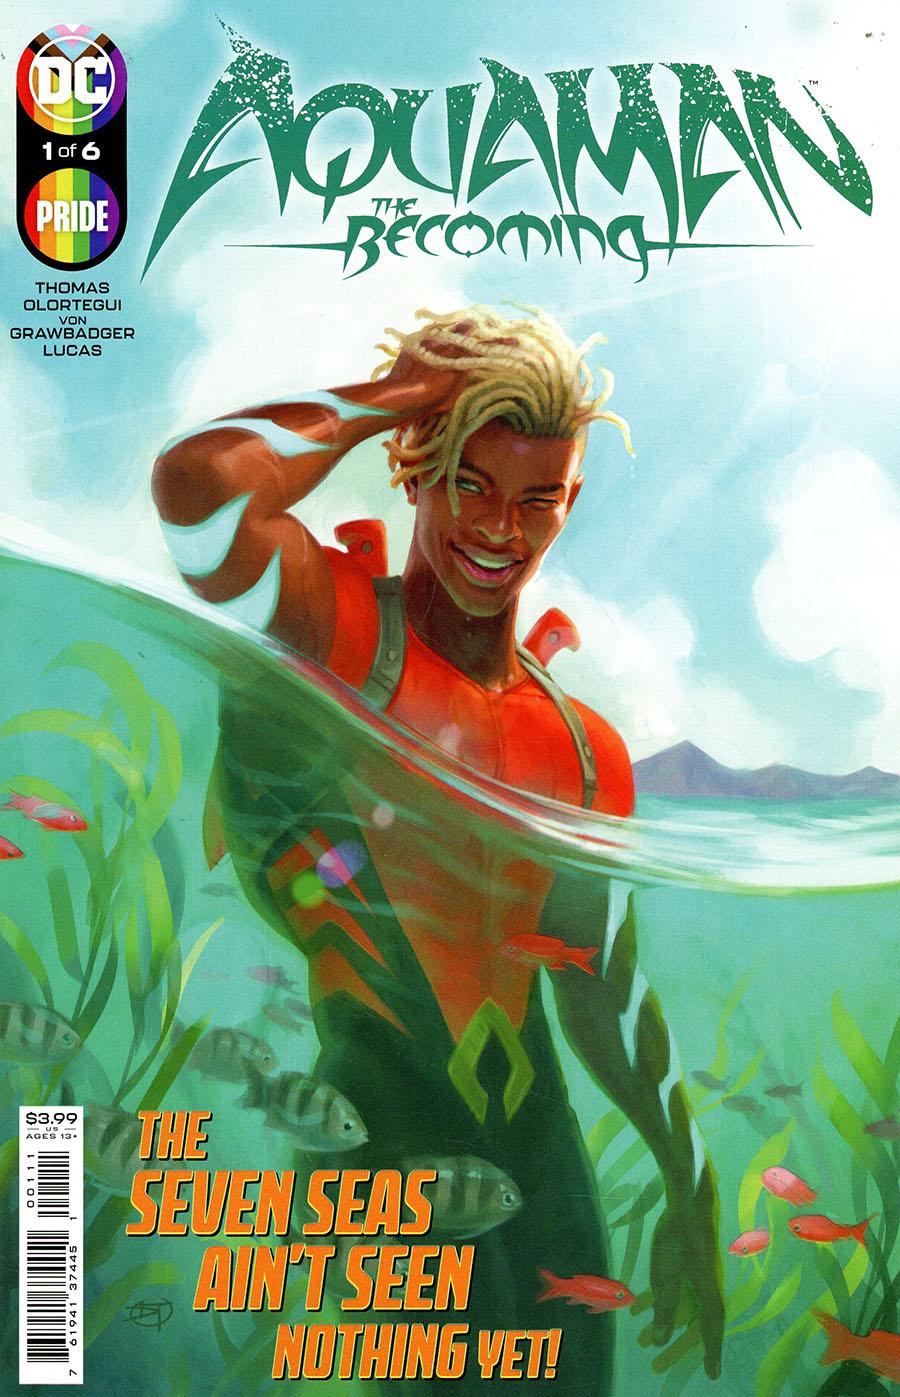 Aquaman The Becoming #1 Cover A Regular David Talaski Cover